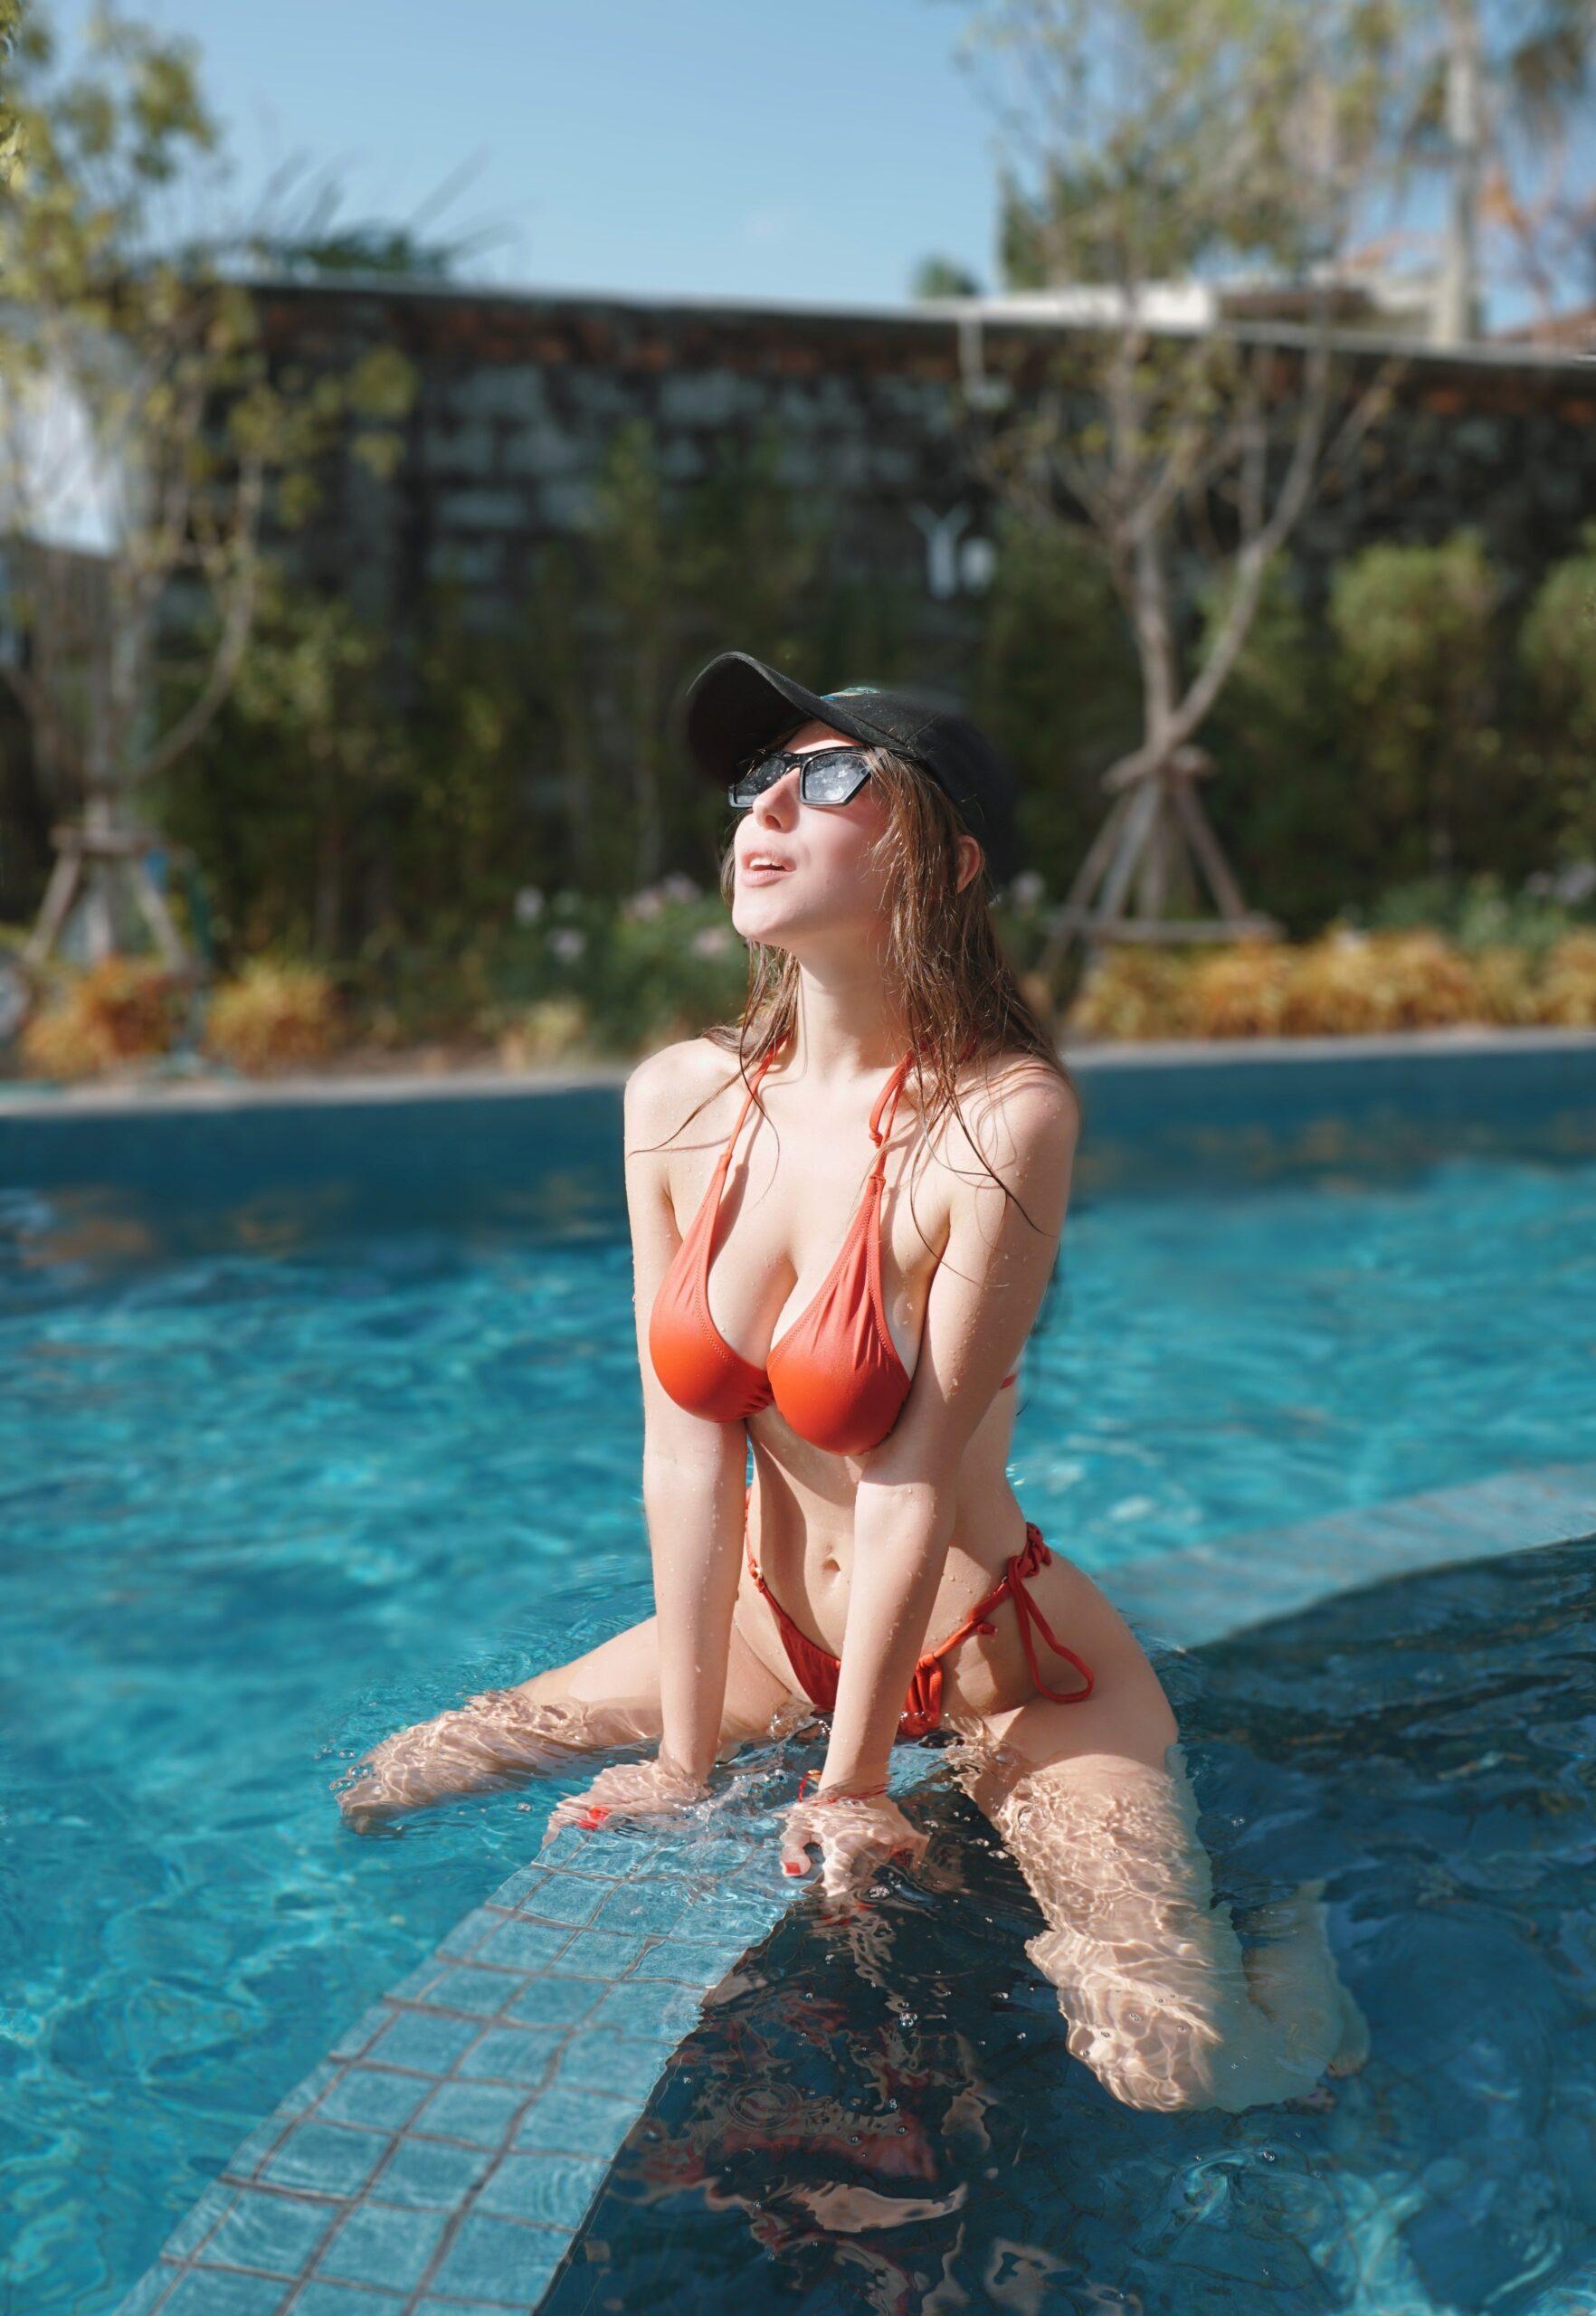 Pack de sensual Dickforlily fotos + nudes 2